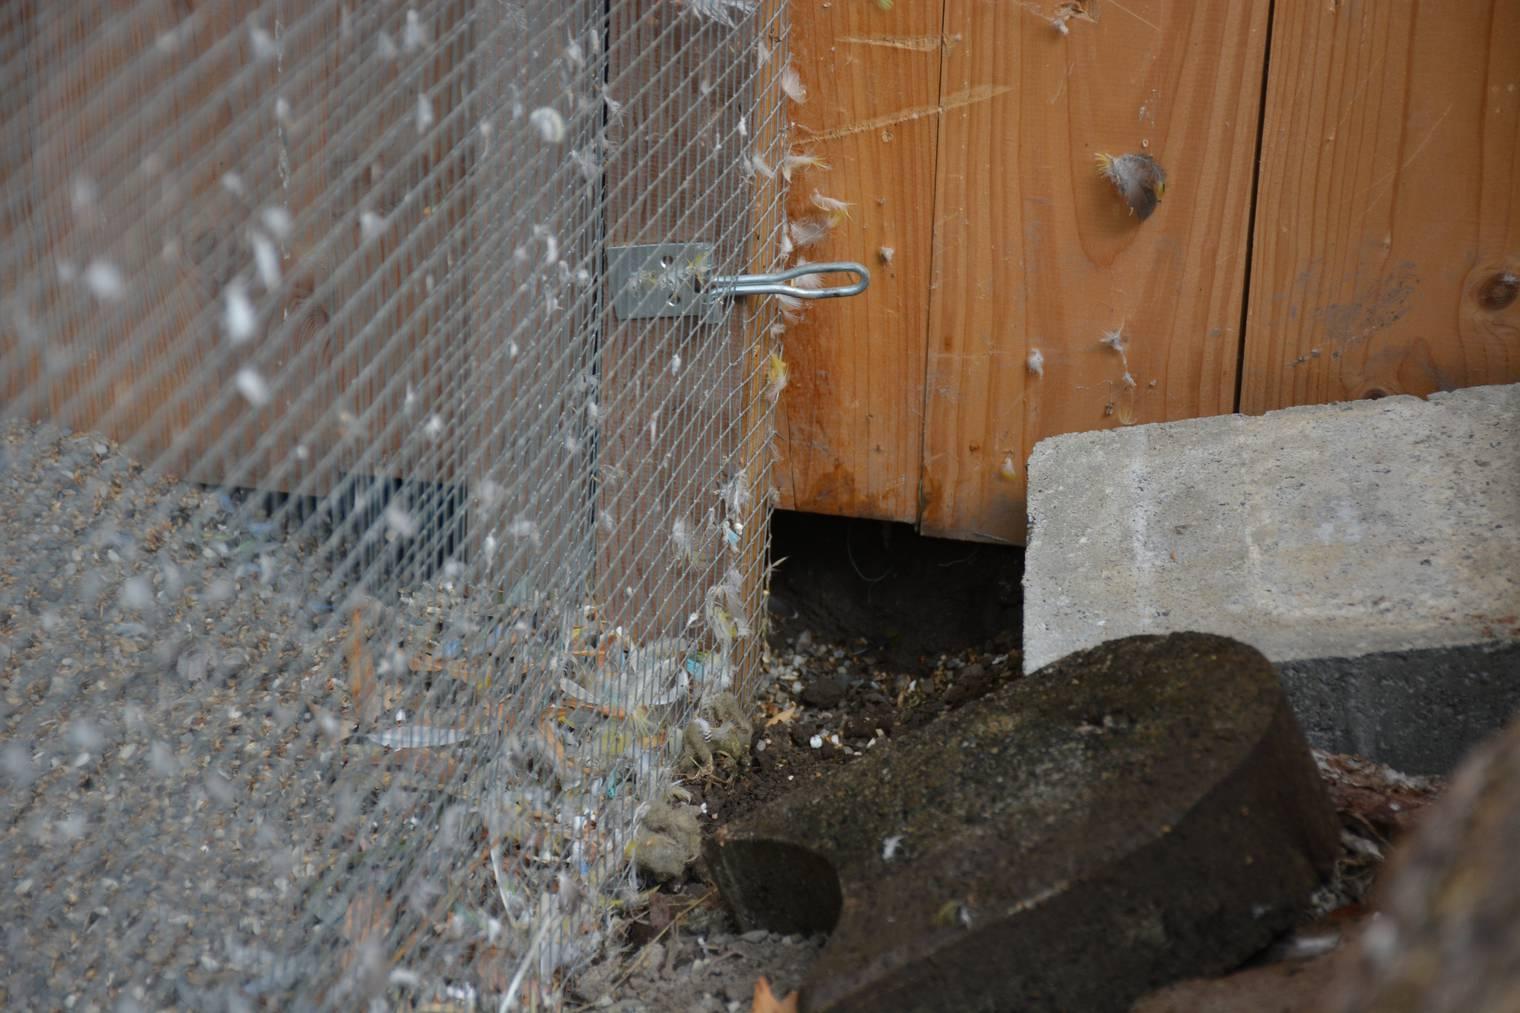 Durch dieses Loch gelang der Marder ins Käfig. (Bild: Sarganserländer/Miriam Küpper)